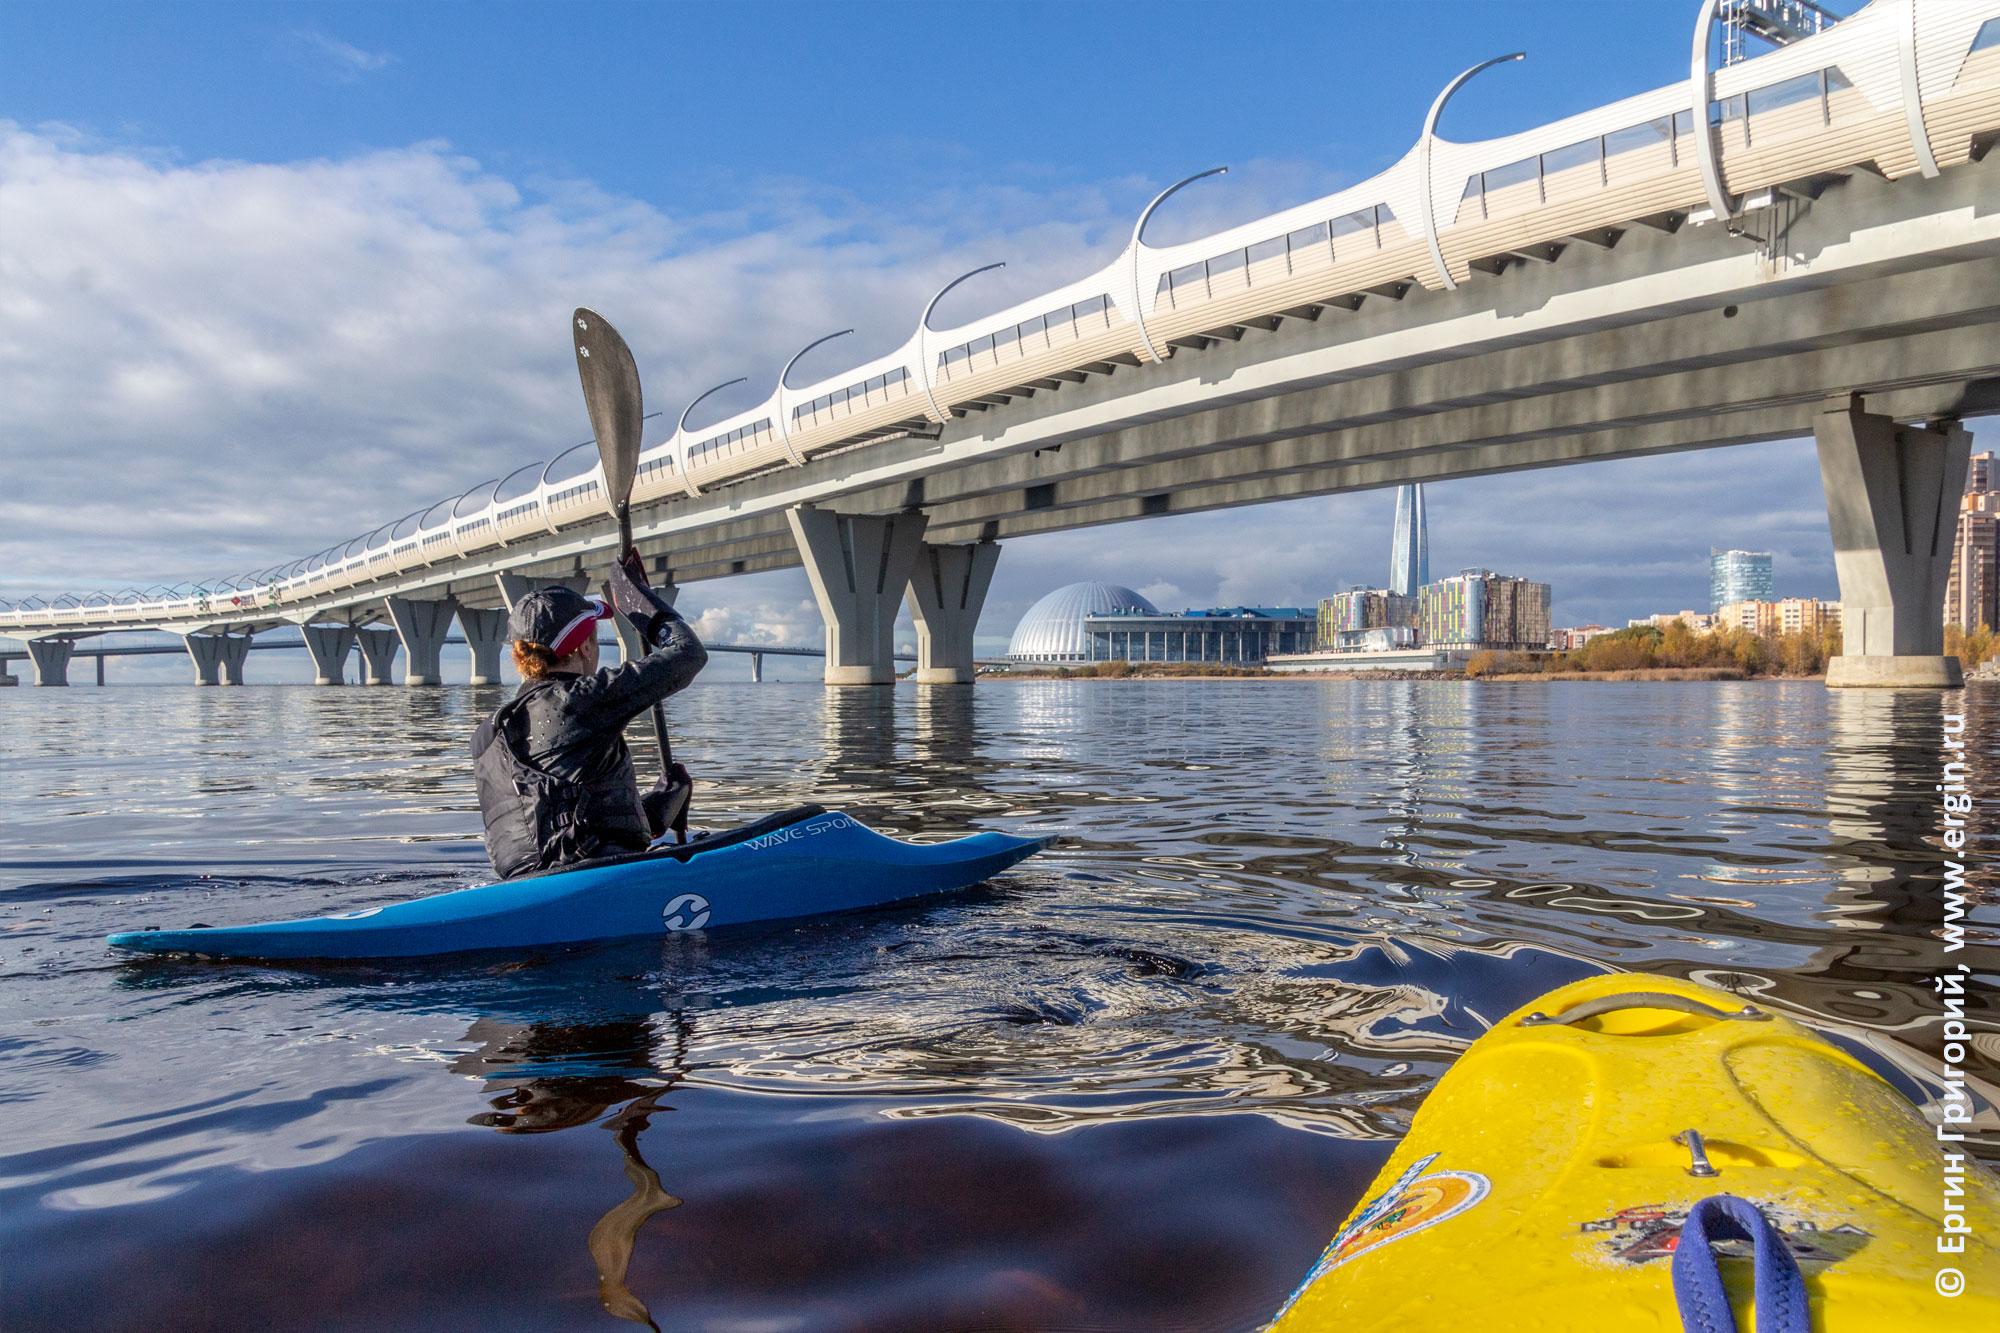 Под ЗСД заходит по воде каякер на каяке с веслом